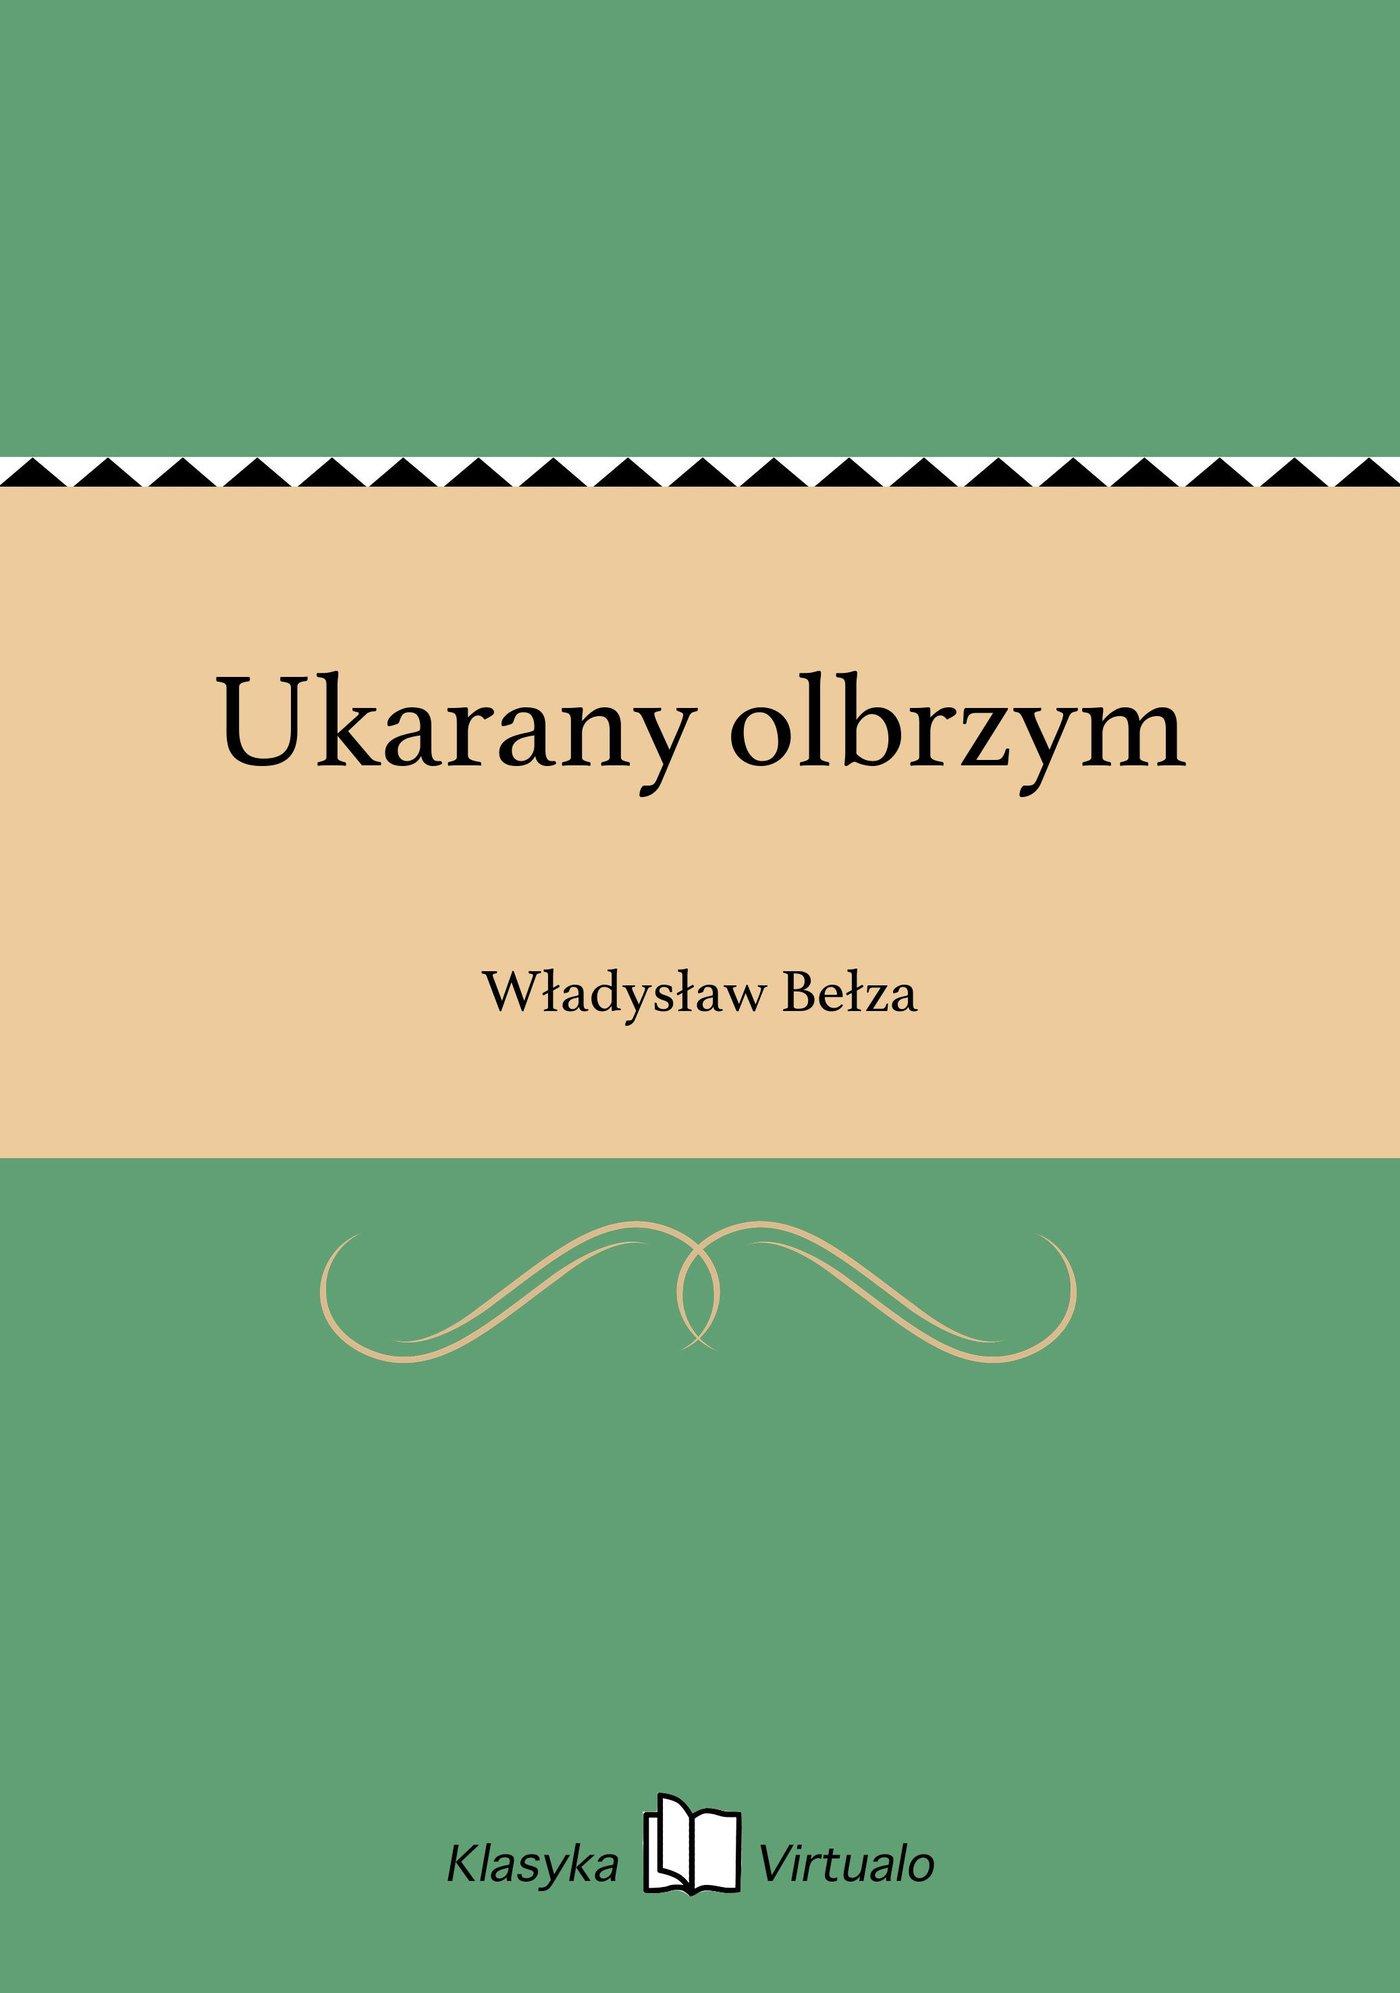 Ukarany olbrzym - Ebook (Książka EPUB) do pobrania w formacie EPUB